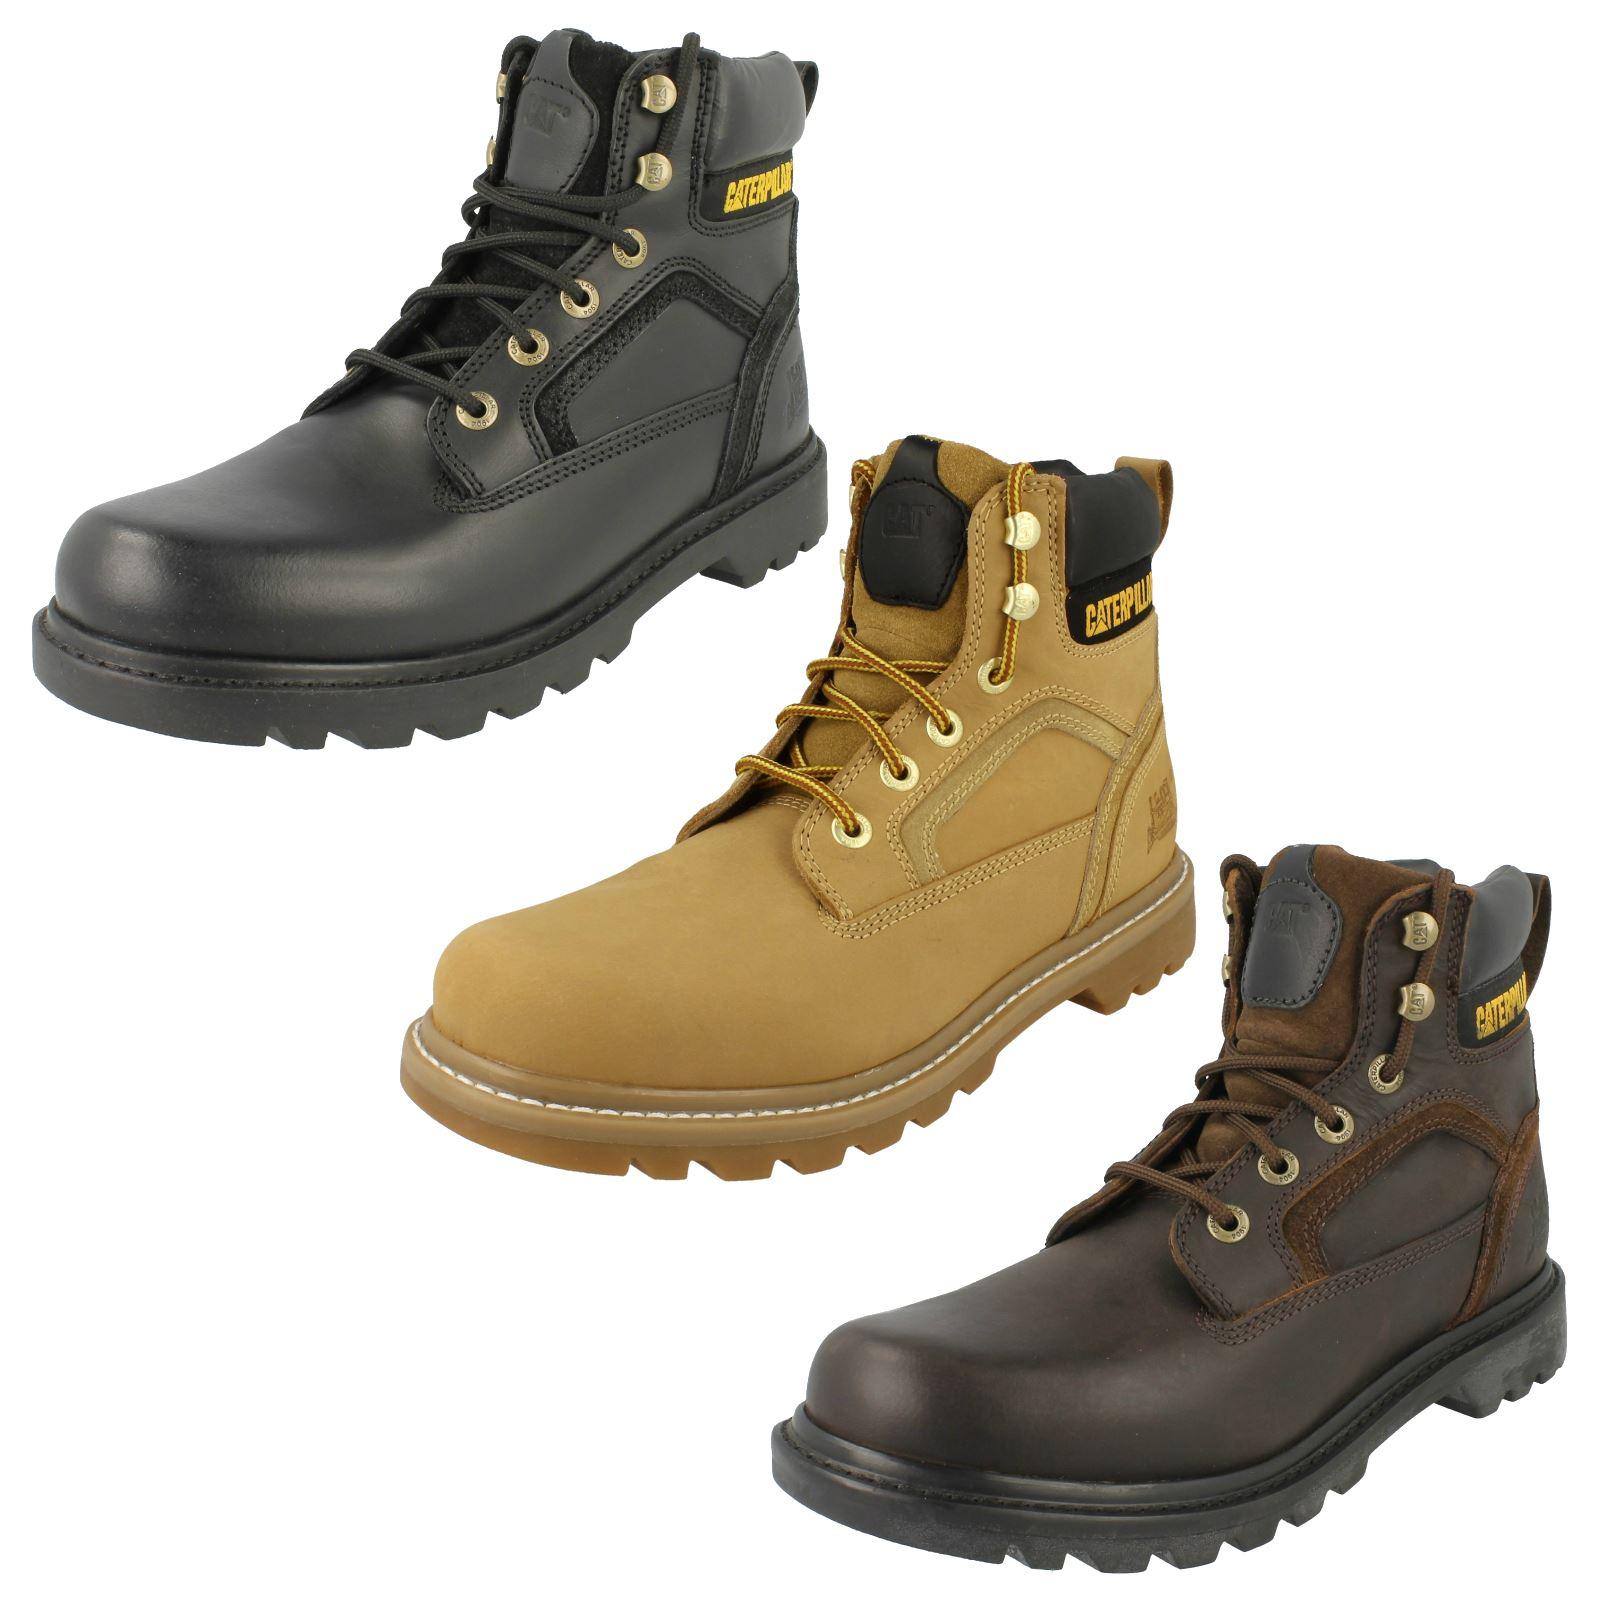 Mens Caterpillar Boots Style - Stickshift